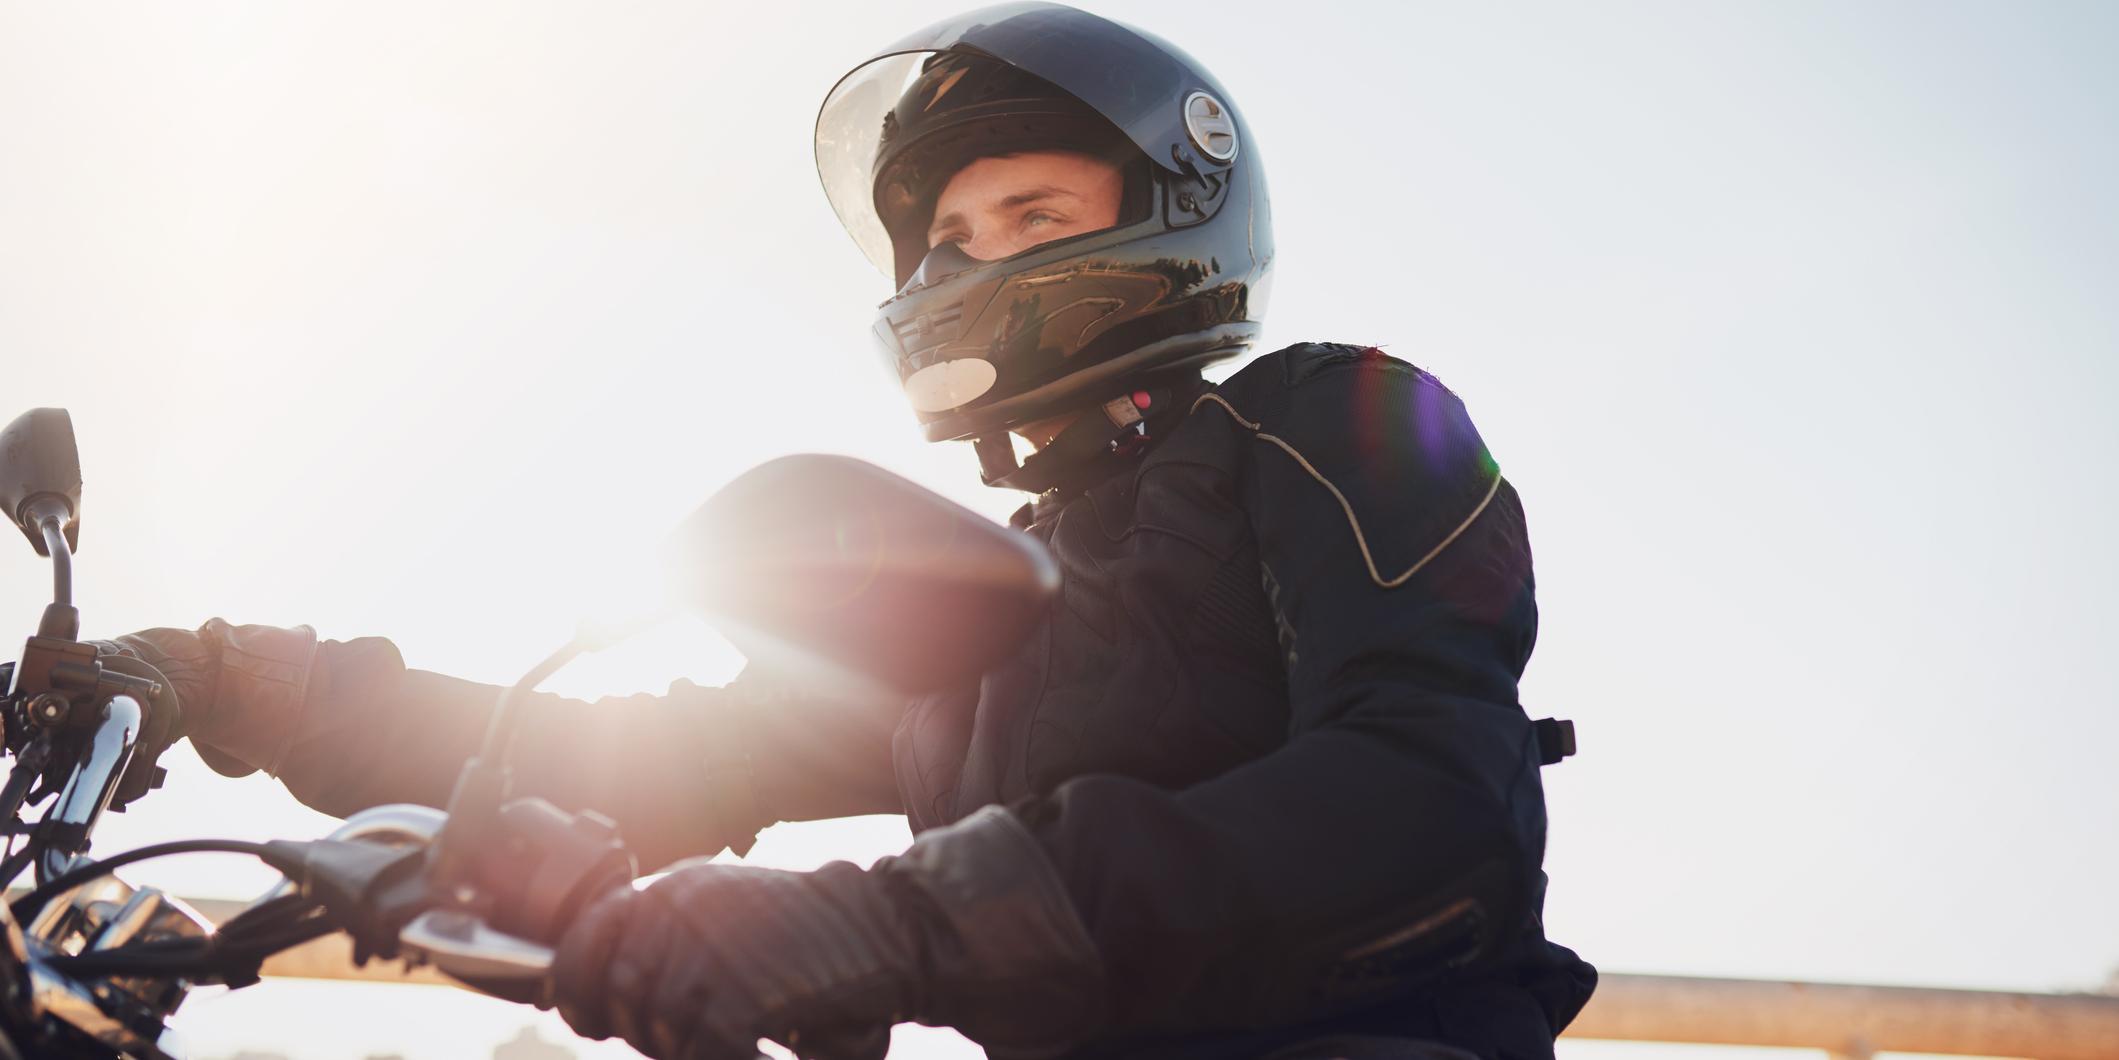 Gilet ou blouson airbag moto : choix et fonctionnement